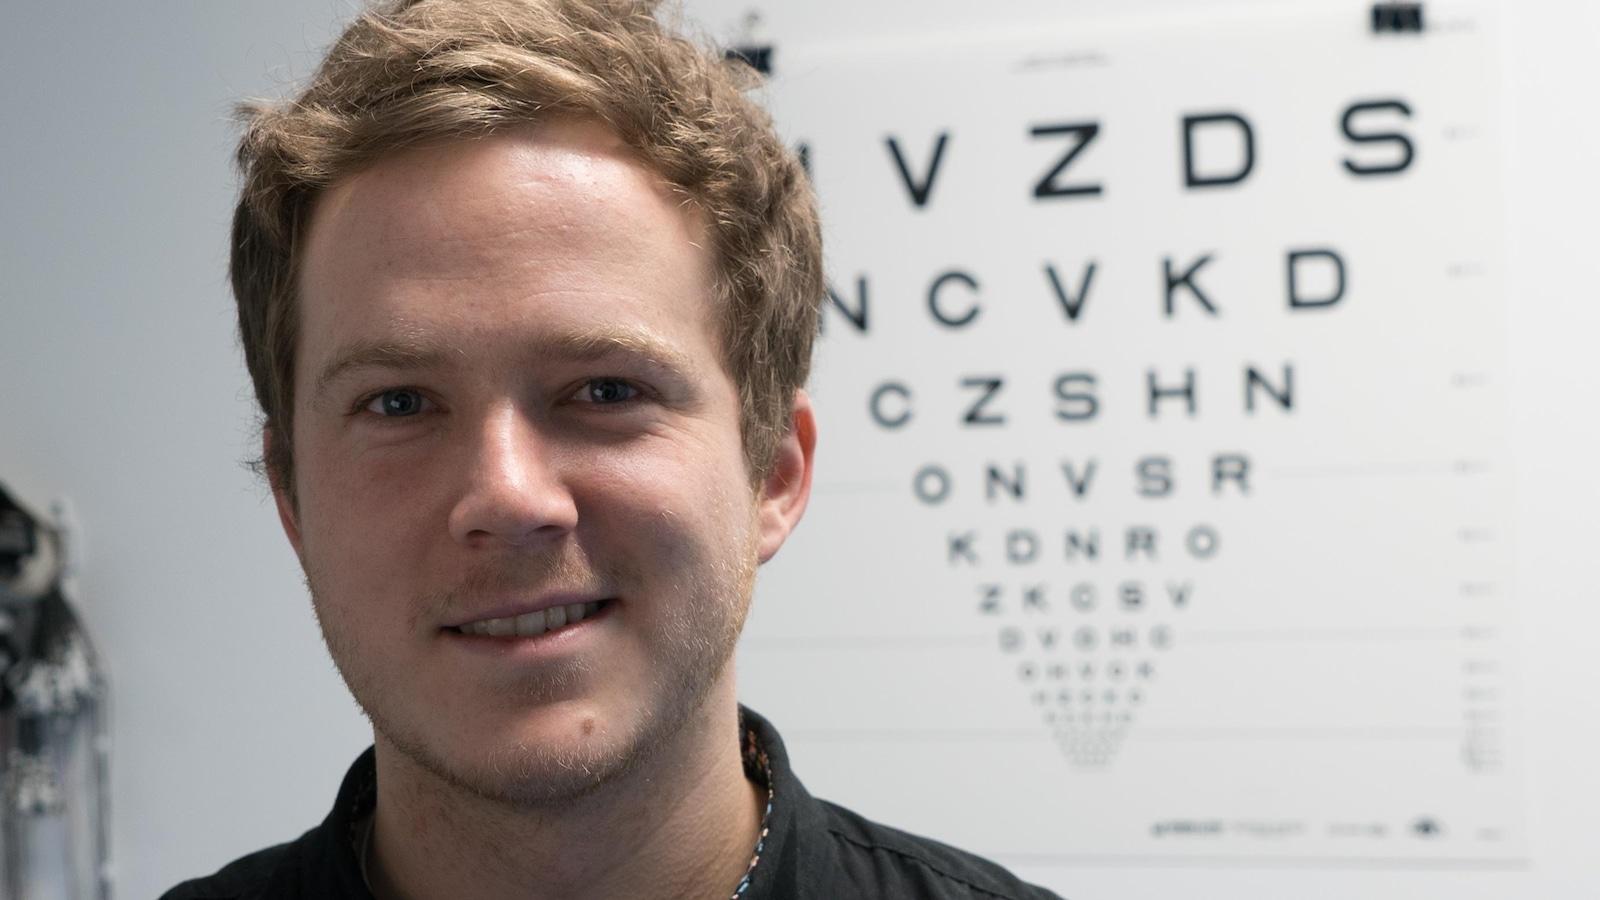 Portrait de Kevin Bastien, souriant, devant un test de vision des lettres de l'alphabet de différentes tailles